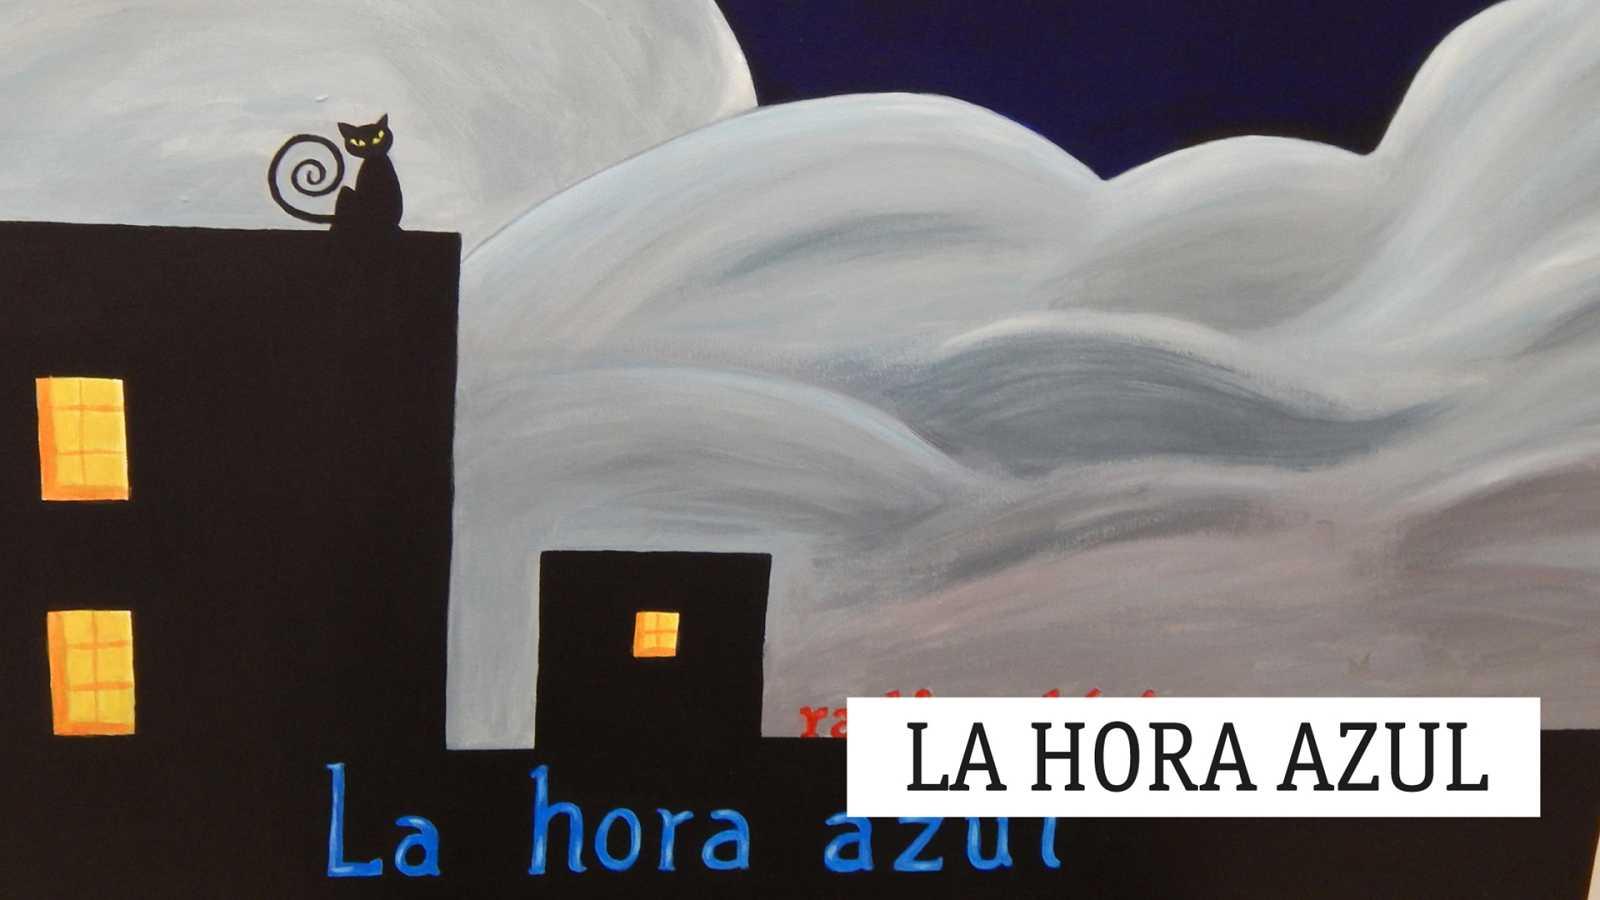 La hora azul - La ópera, por dentro... - 21/05/20 - escuchar ahora